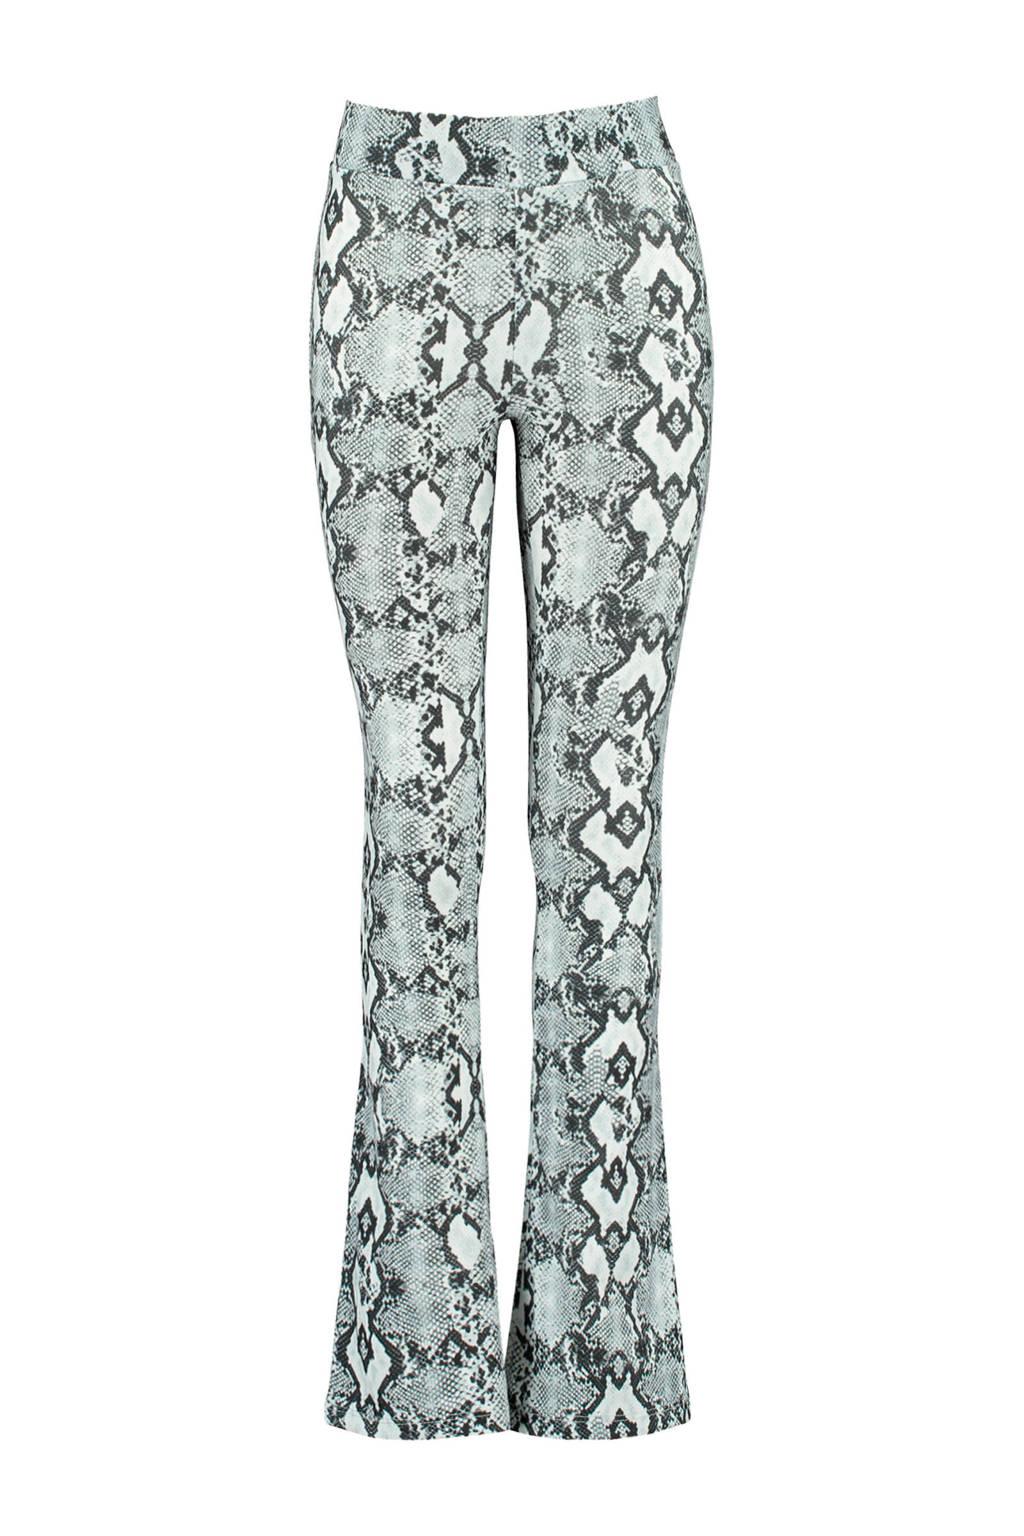 CoolCat Junior broek Philou met slangenprint lichtblauw/zwart/wit, Lichtblauw/zwart/wit